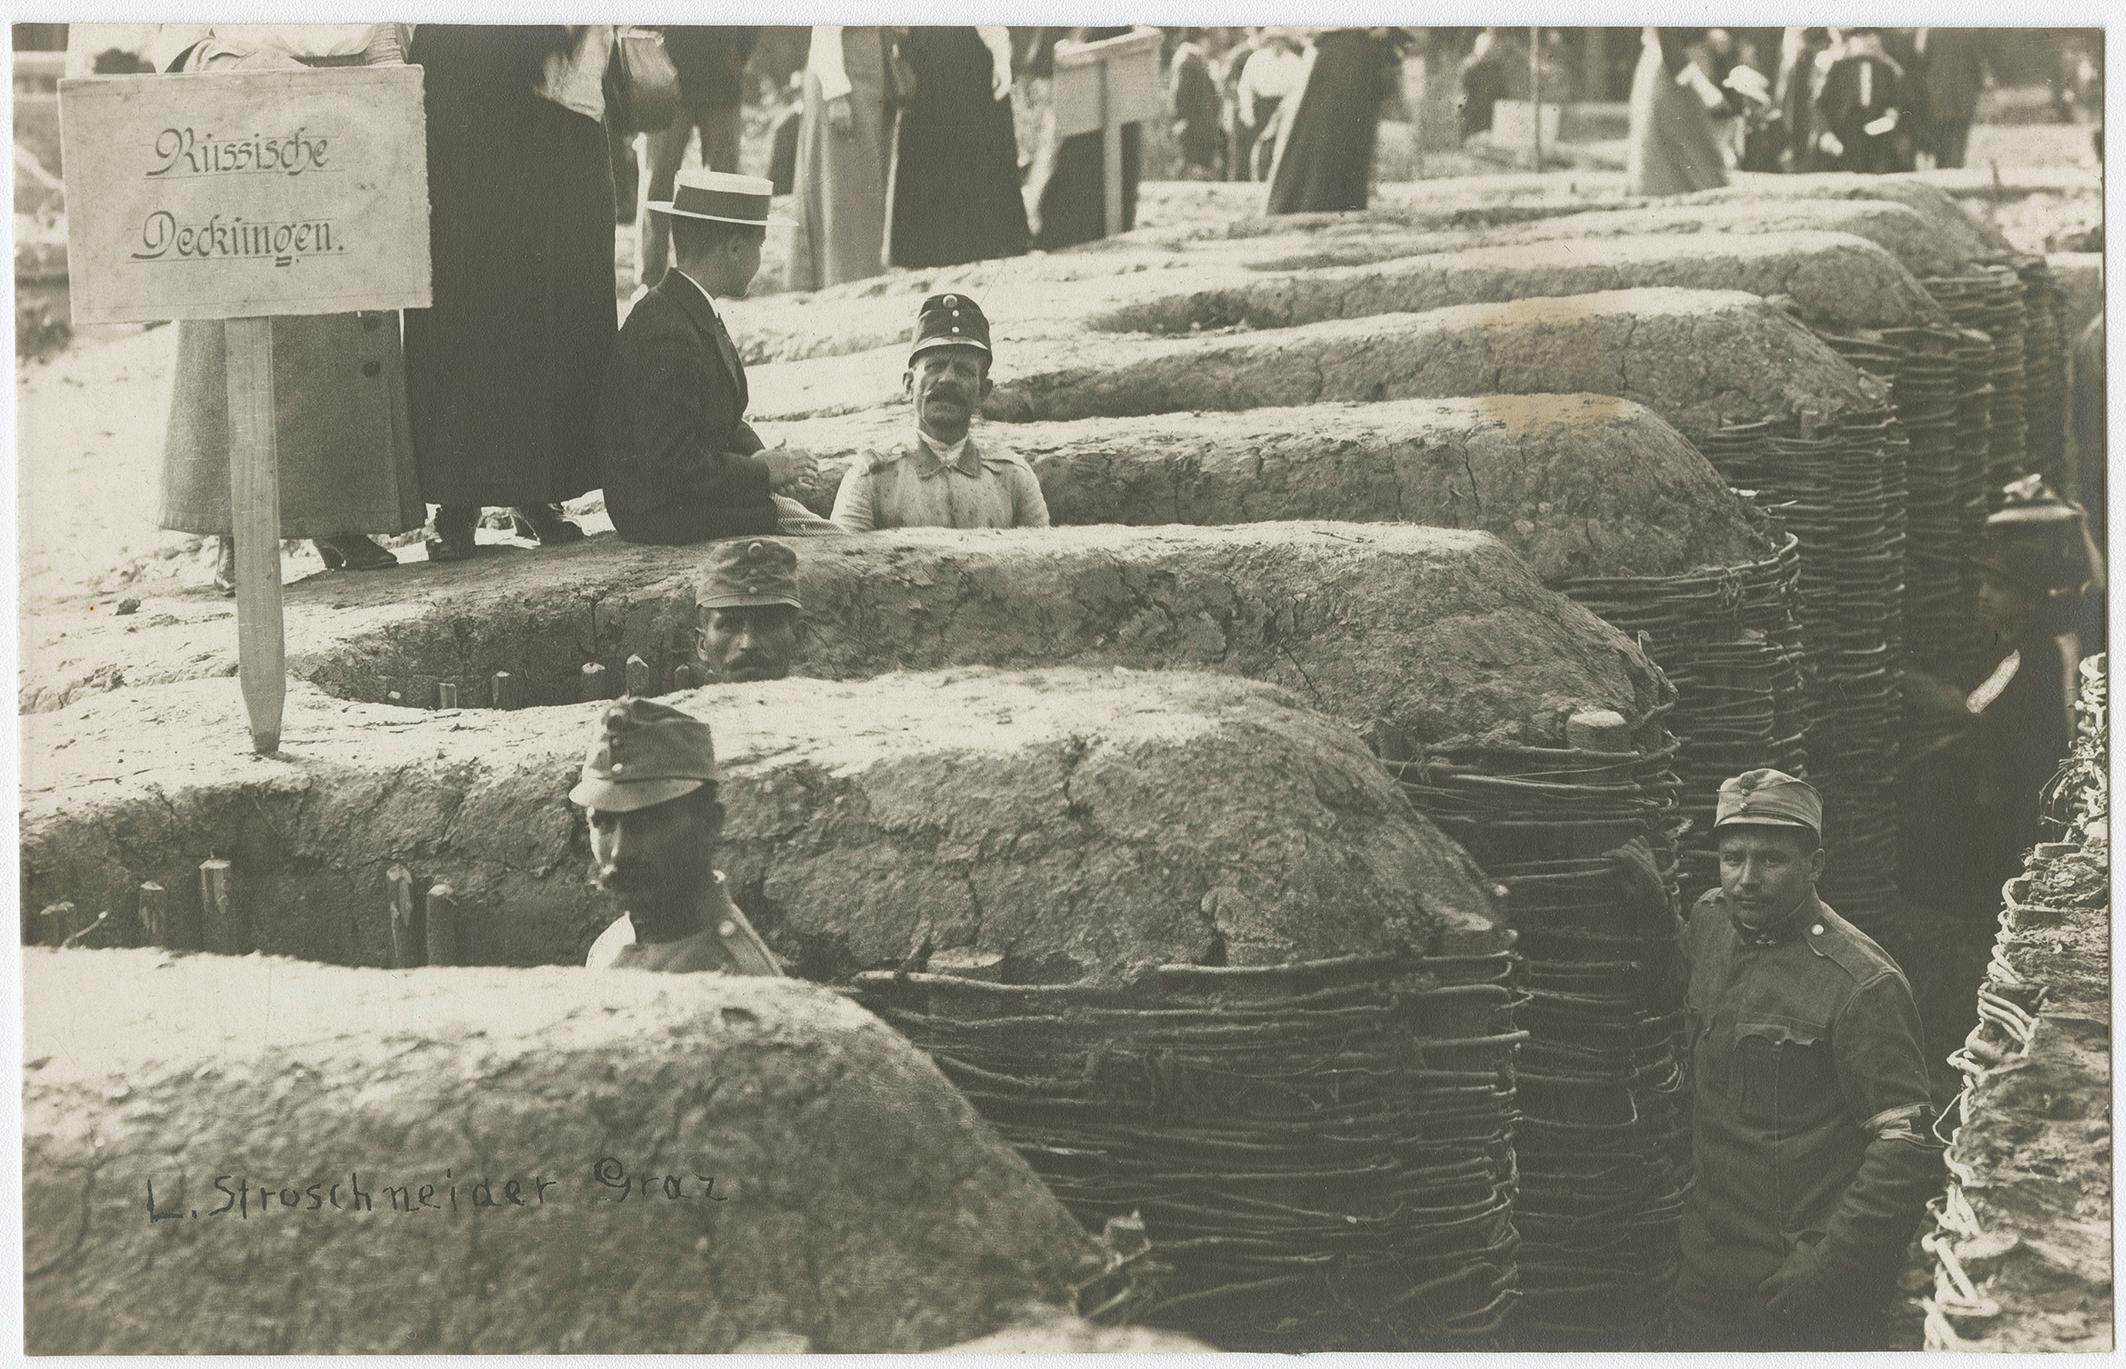 Kriegsausstellung am Feliferhof 1915, Fotografie Sammlung Kubinzky, Graz